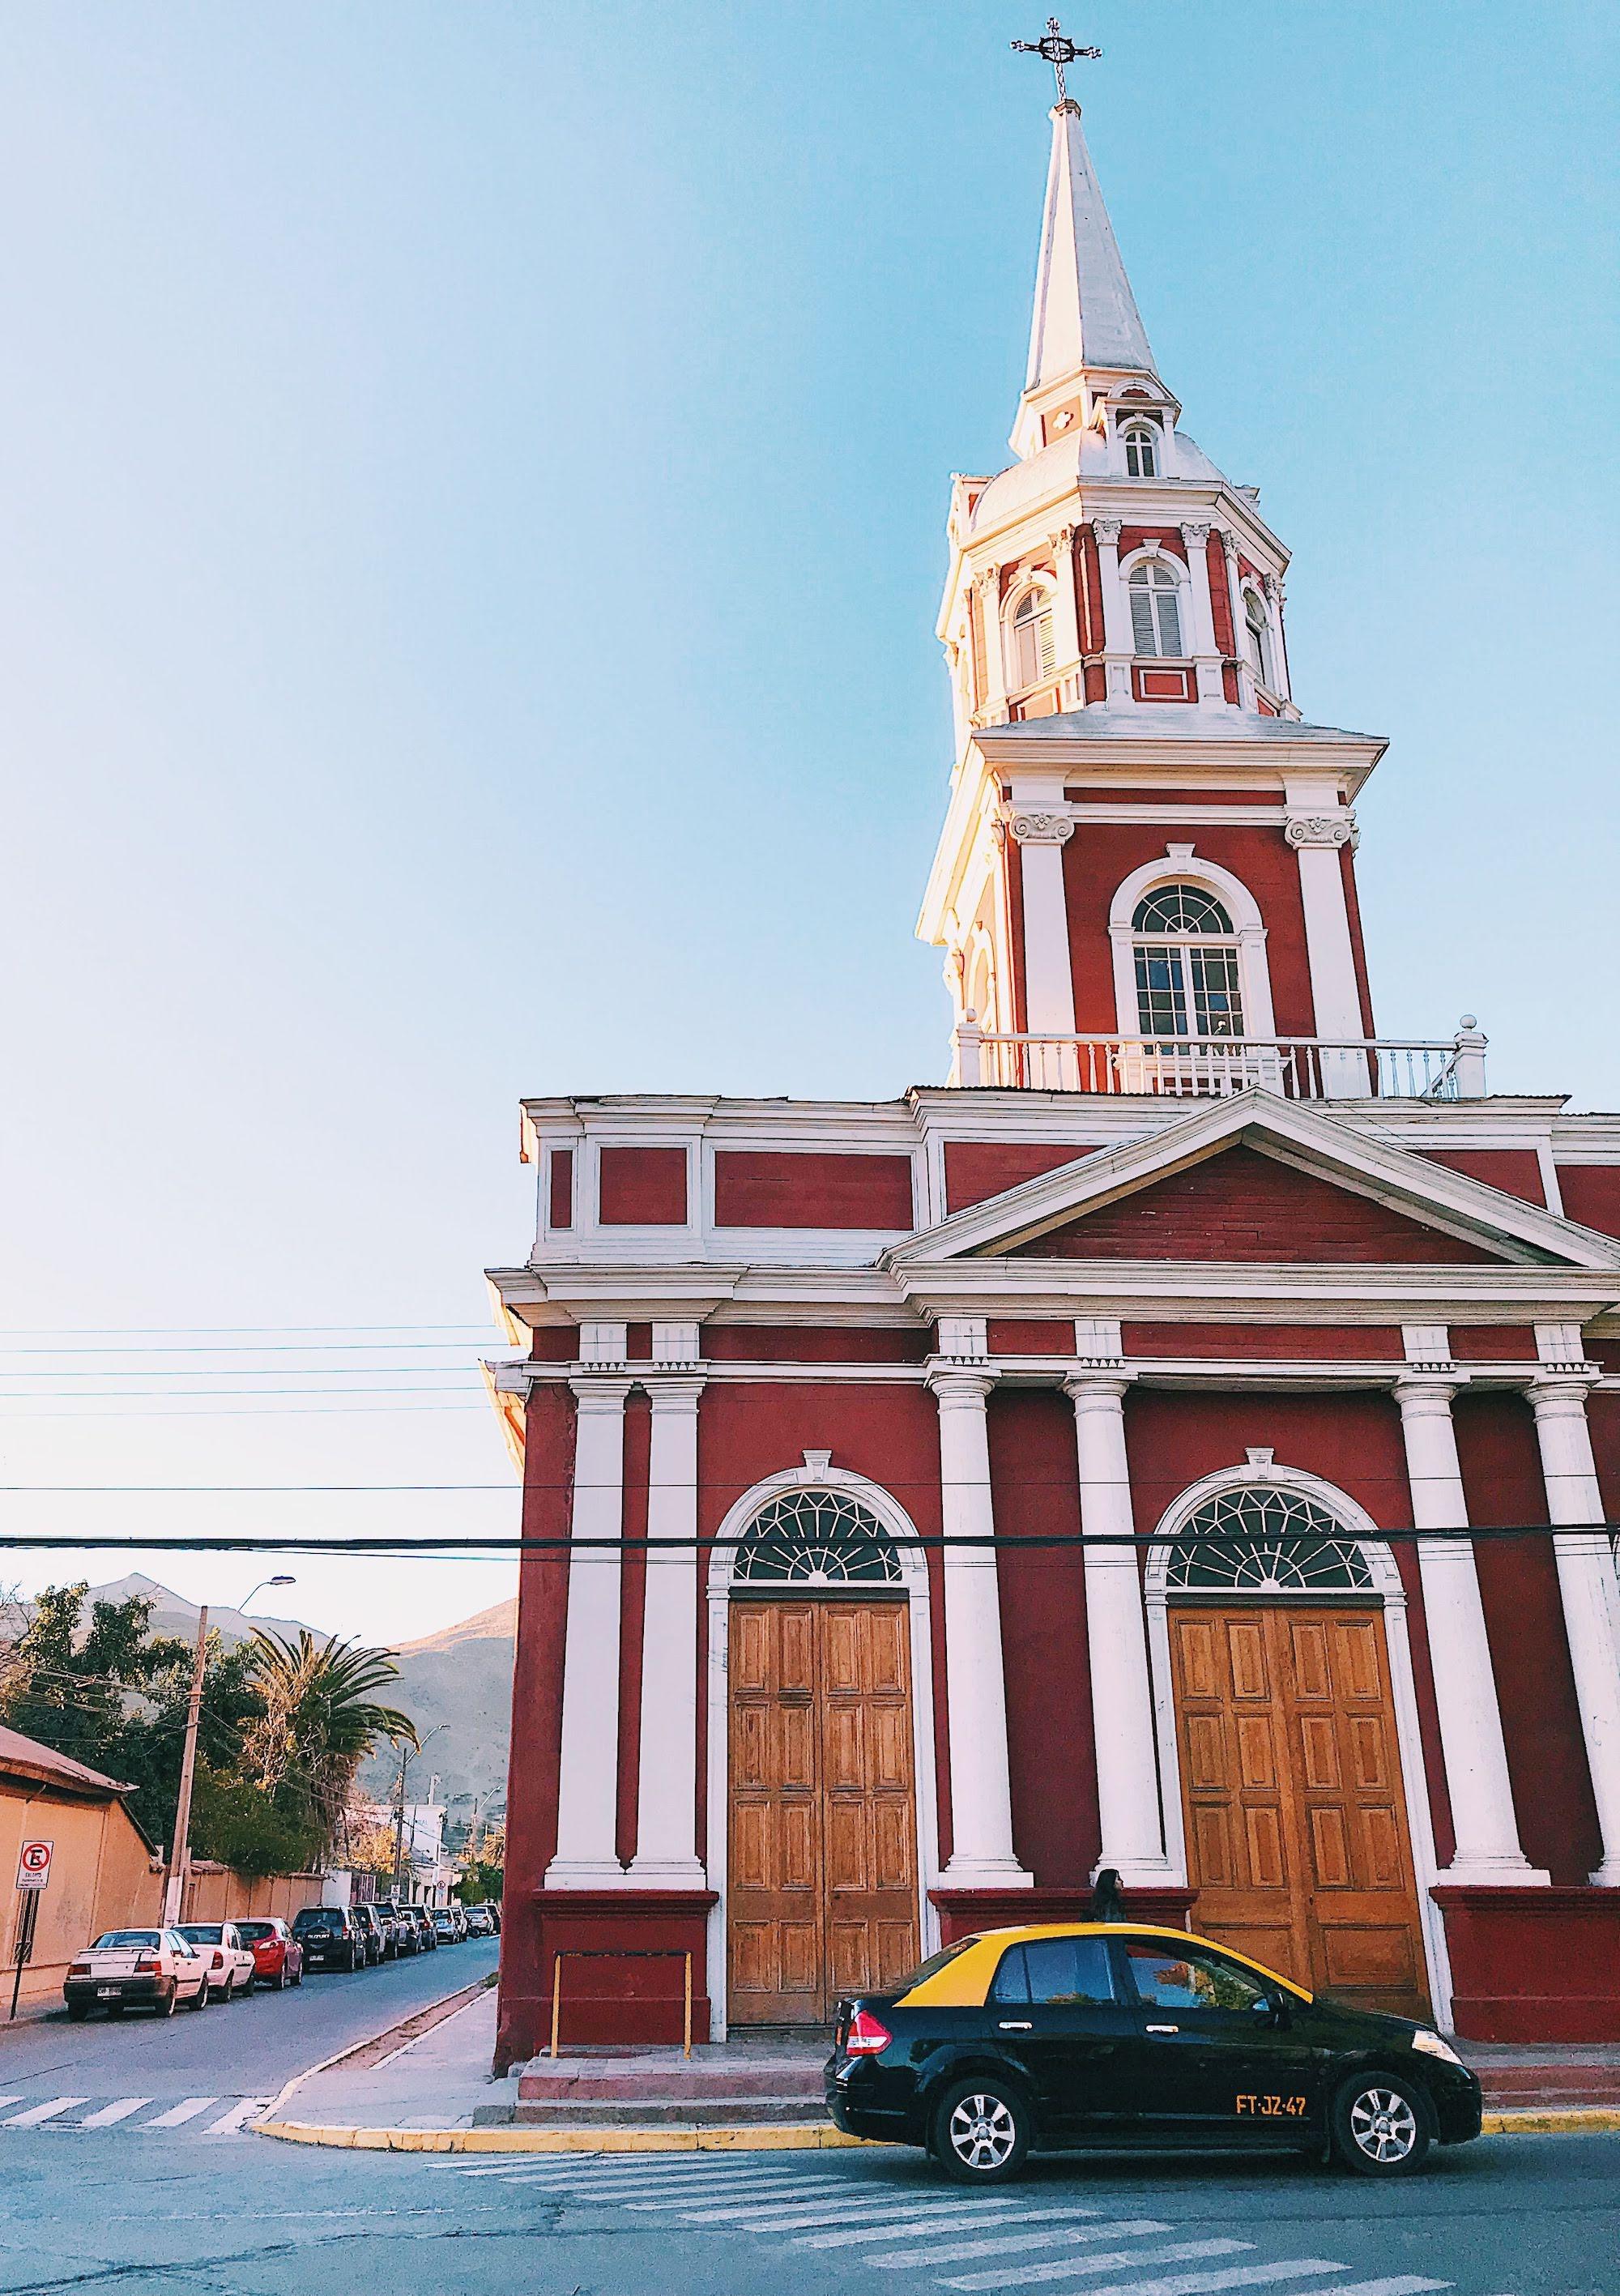 La Serena in Chile